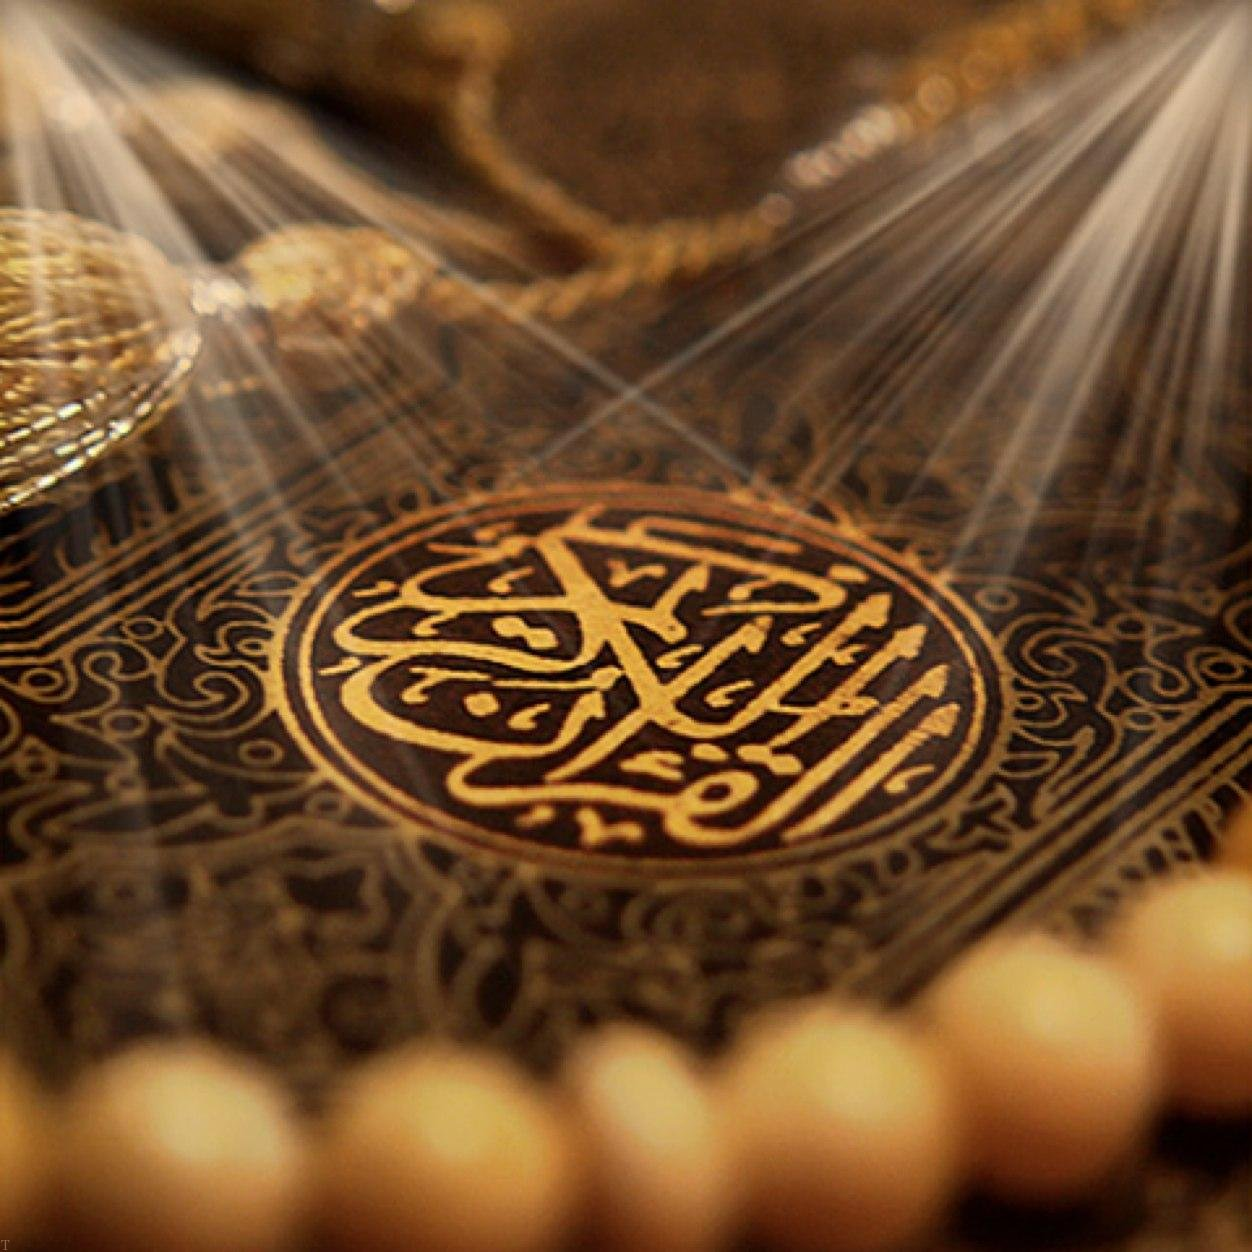 40 ضرب المثل قرآنی زیبا و آموزنده